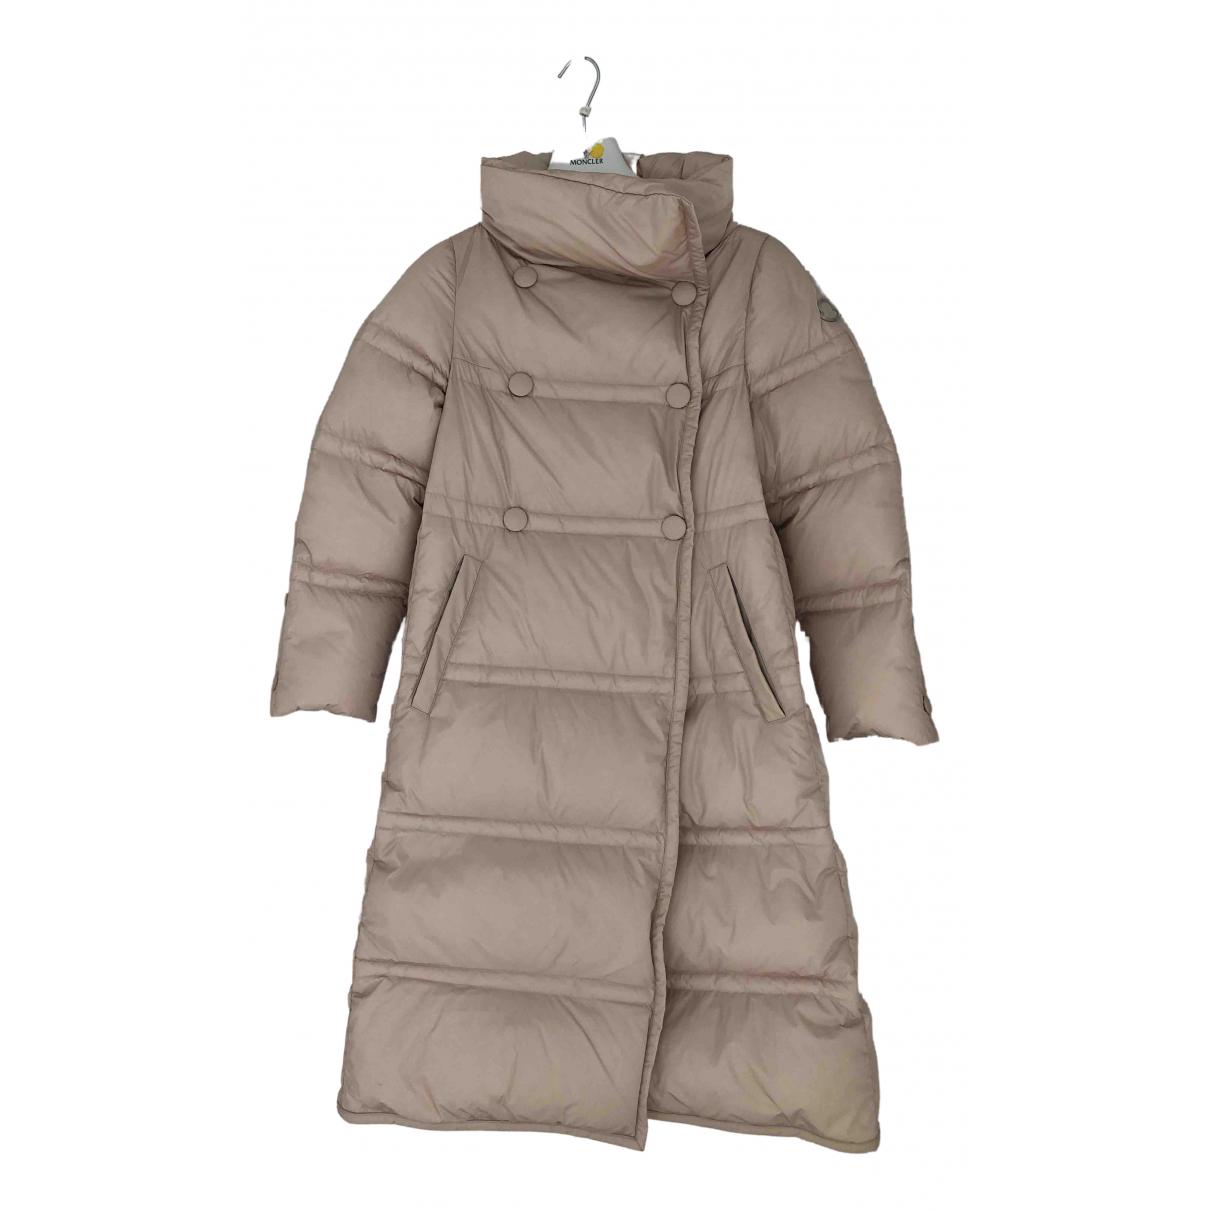 Moncler - Manteau Long pour femme - beige